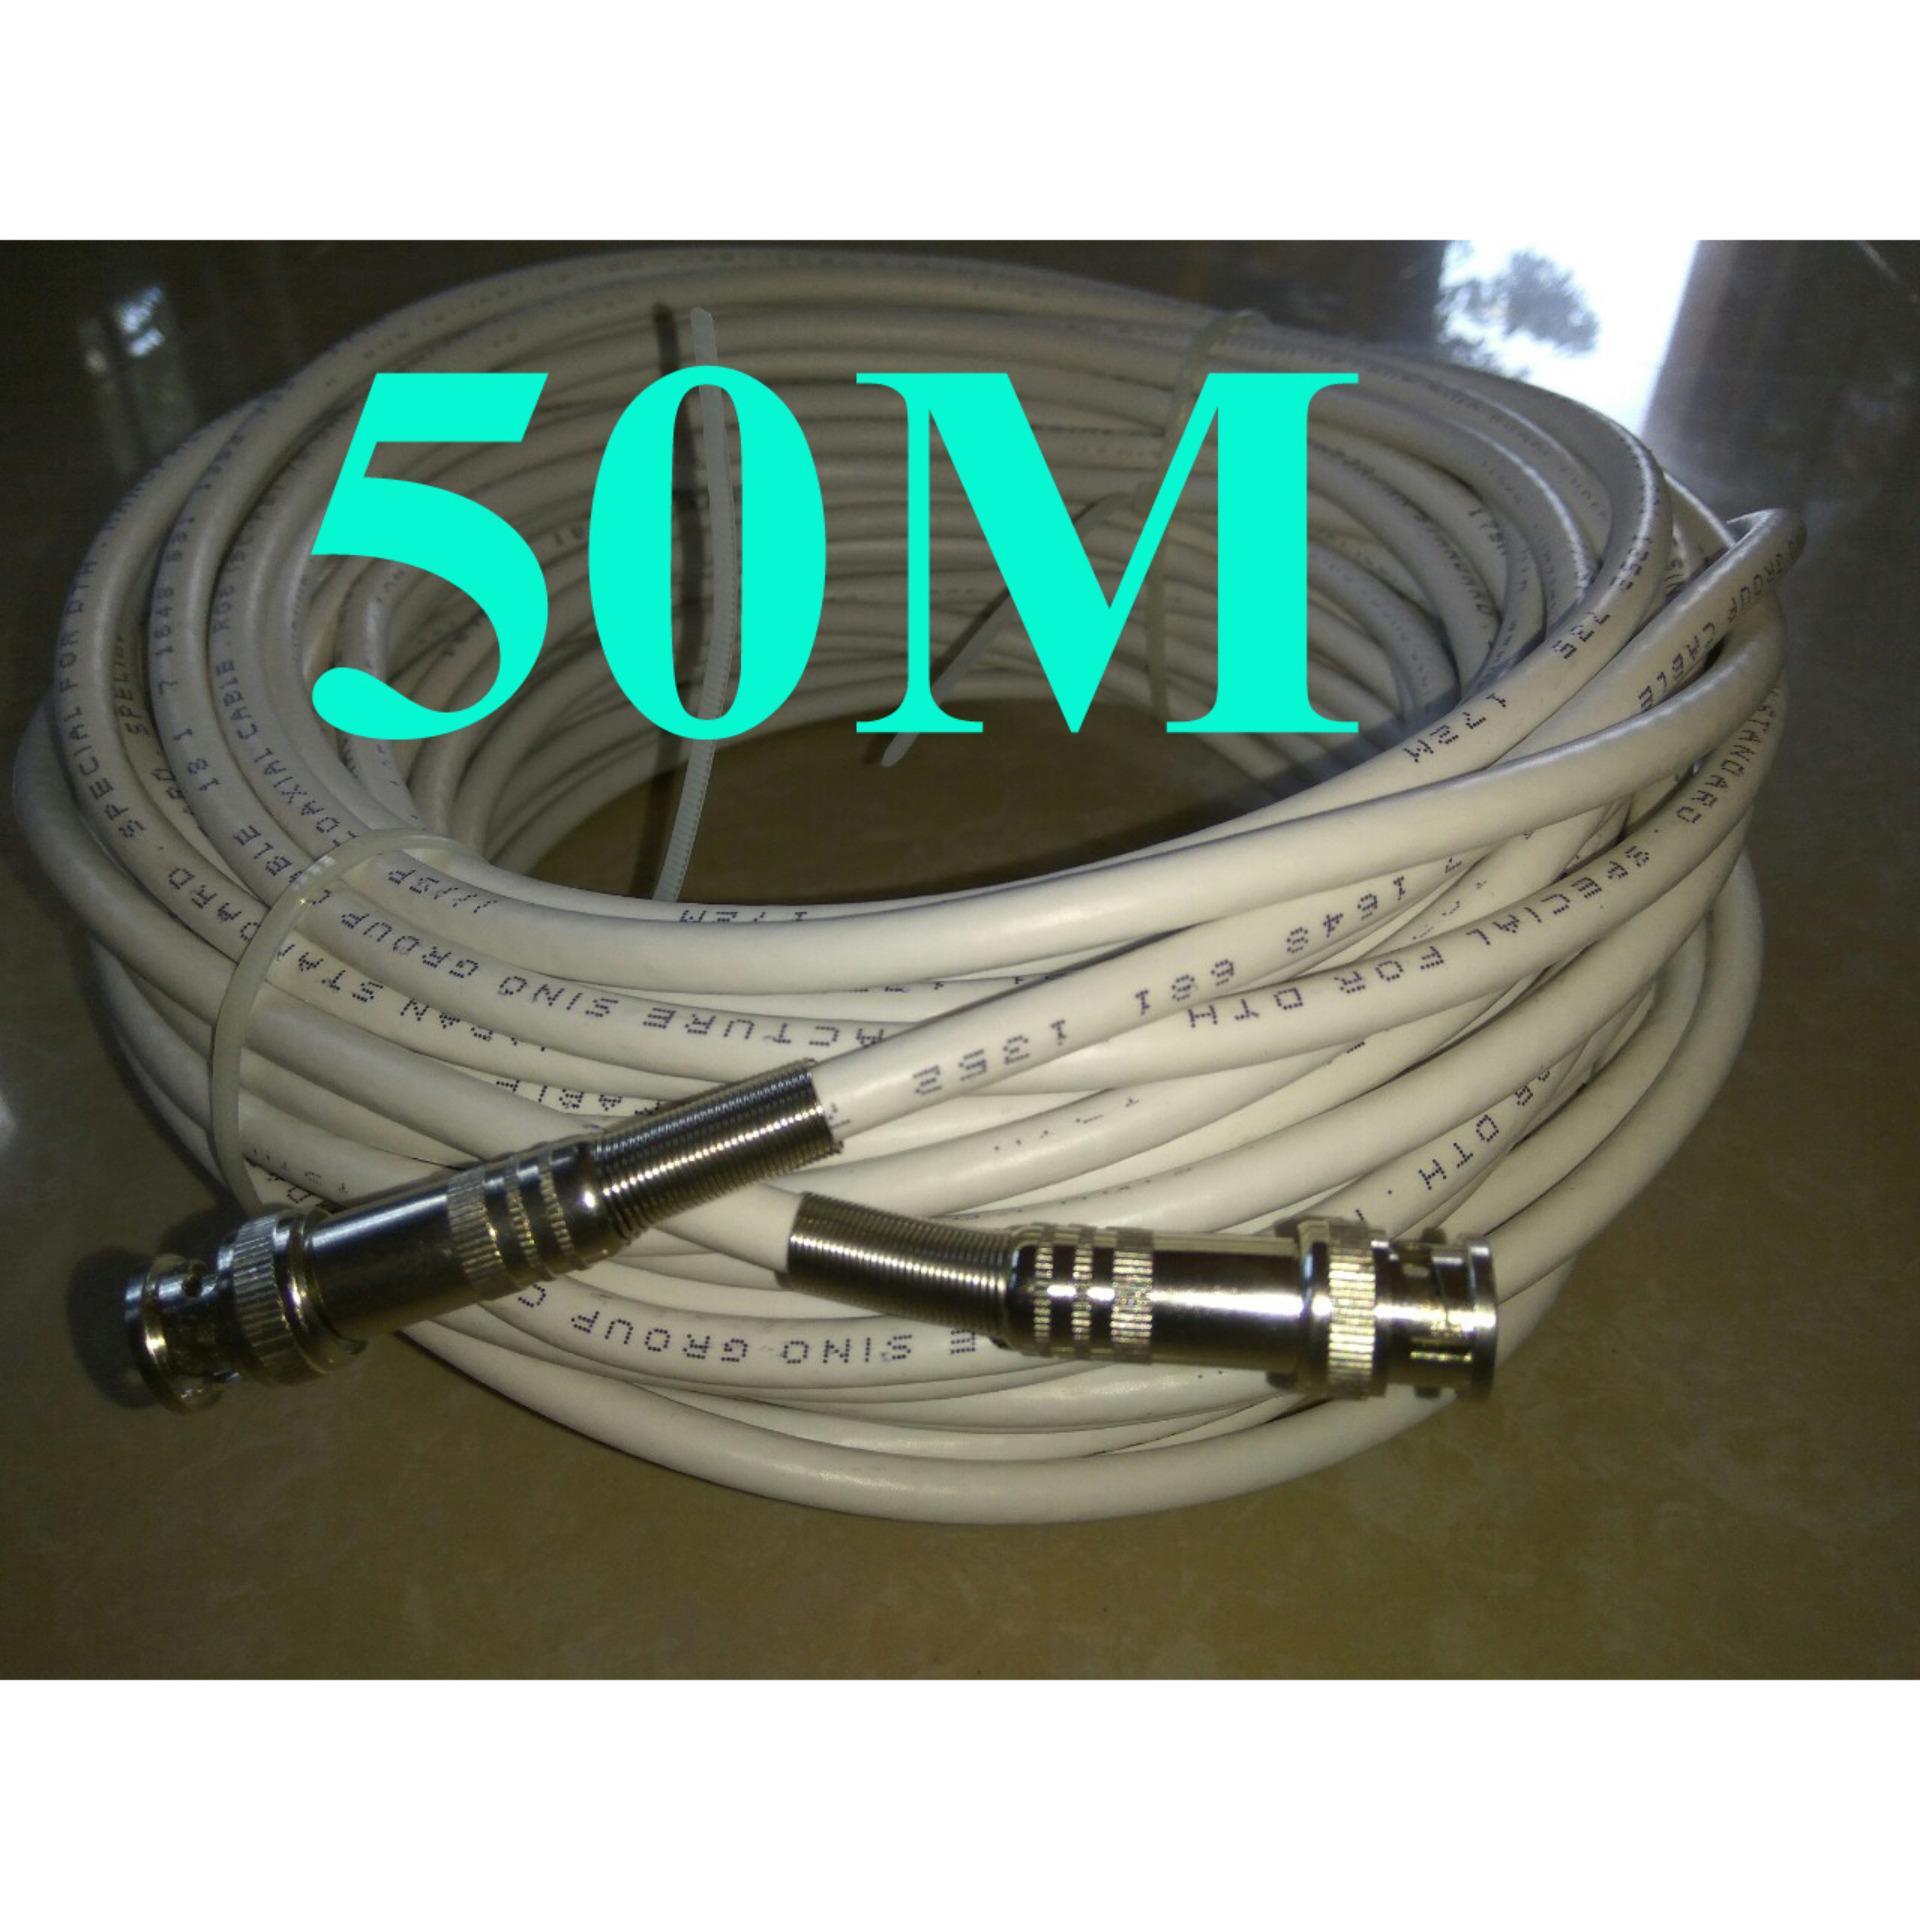 Đánh Giá Cáp tín hiệu camera chuyên dụng 50m